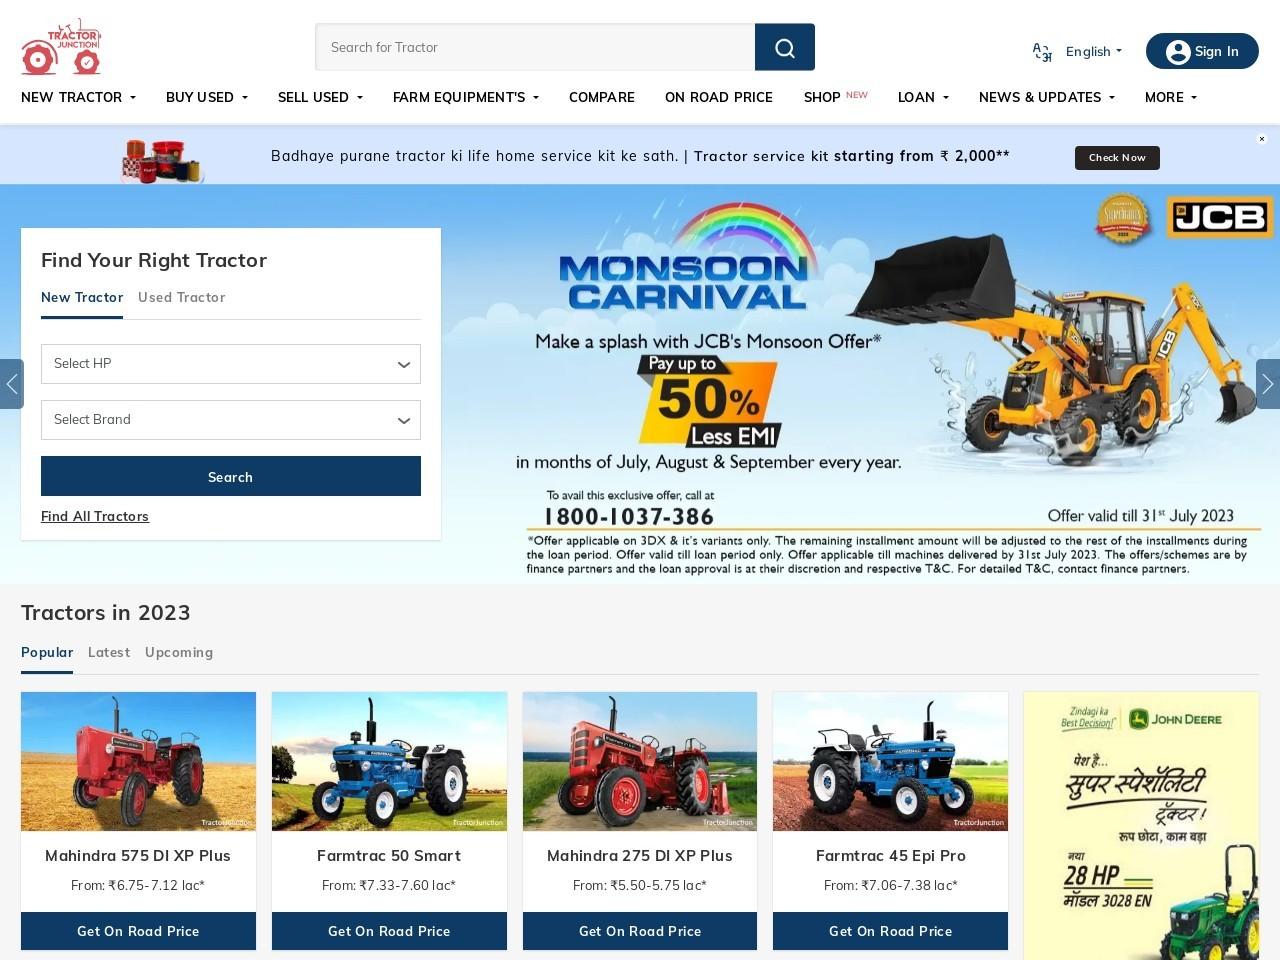 Mahindra Arjun Novo 605 Di-ps Tractor Price in India